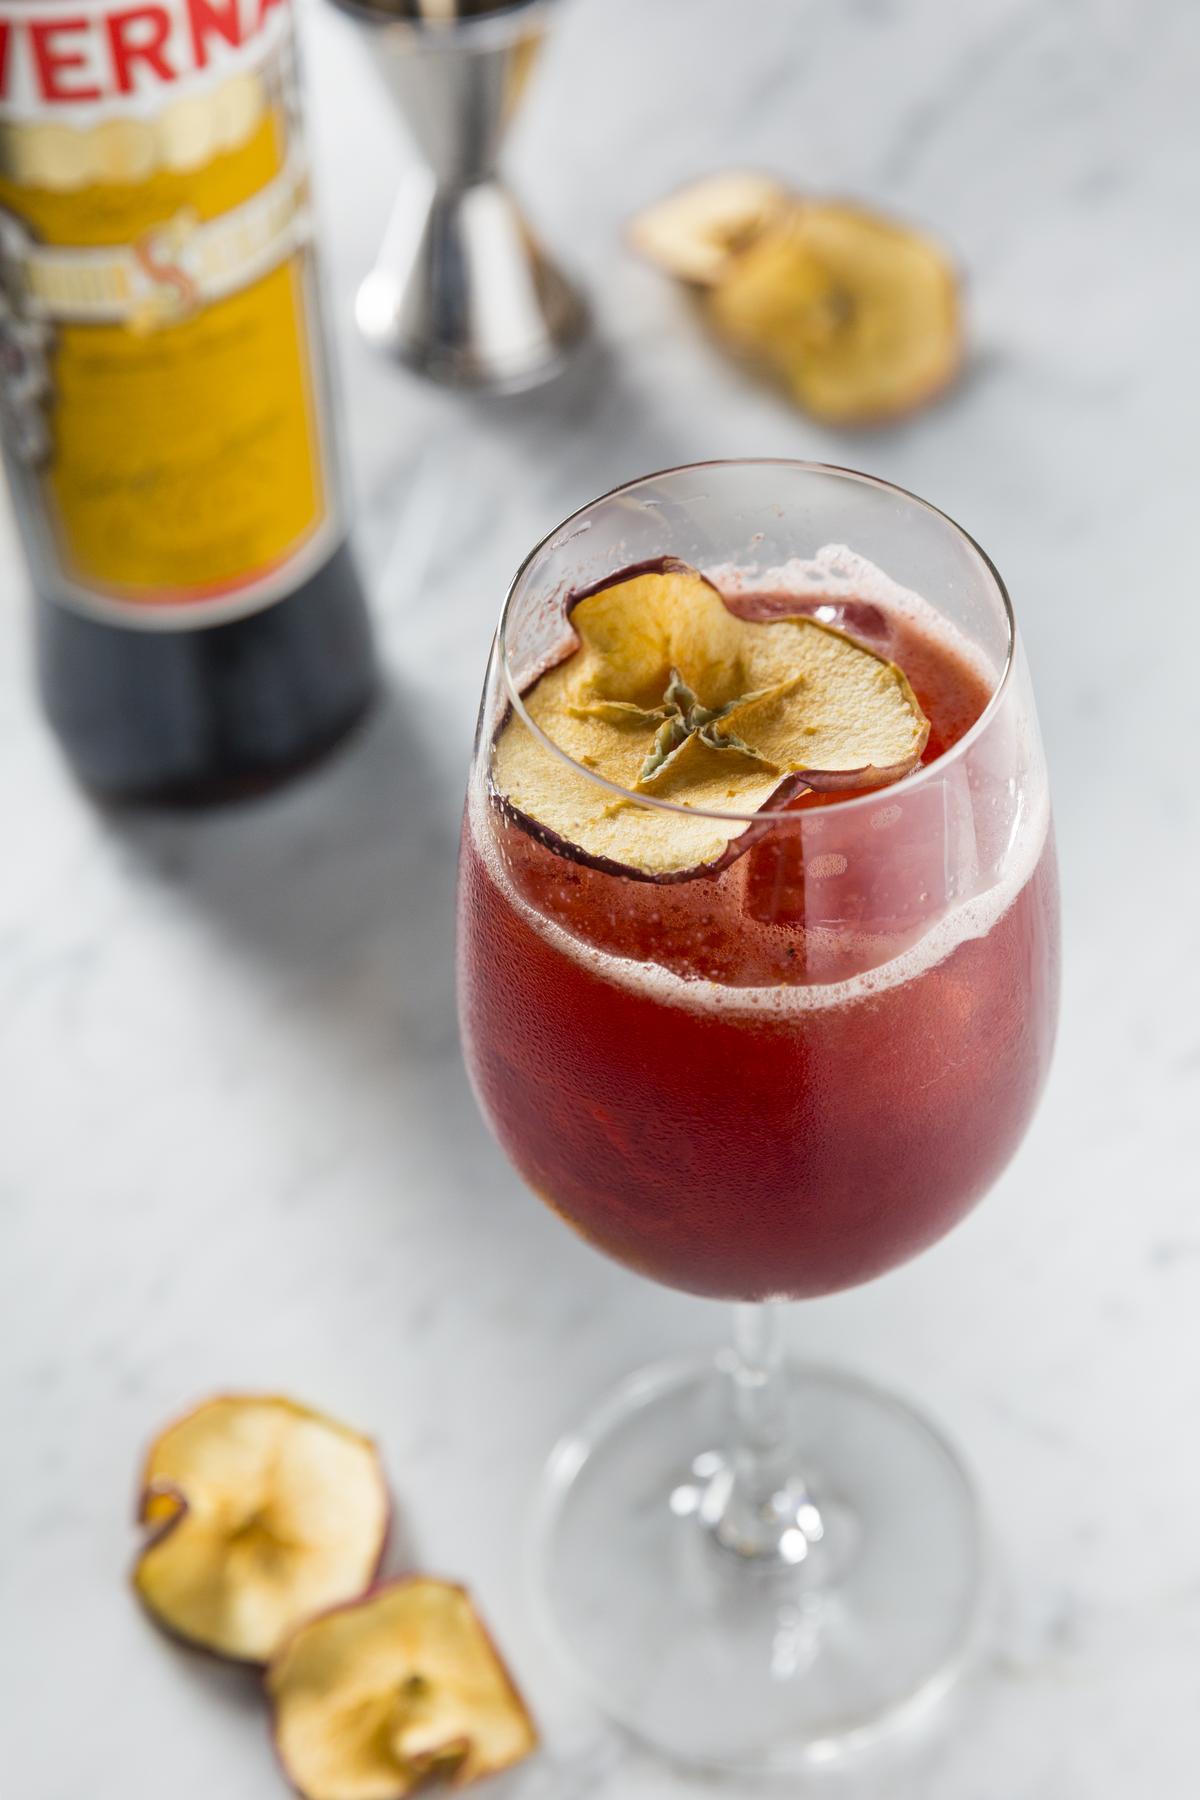 有著植物調性的「AVERNA」與「Prosecco」氣泡白酒、蘇打水、蘋果白蘭地、自製藍莓糖漿,調出帶莓果香氣的「樹果Spritz」。(250元/杯)